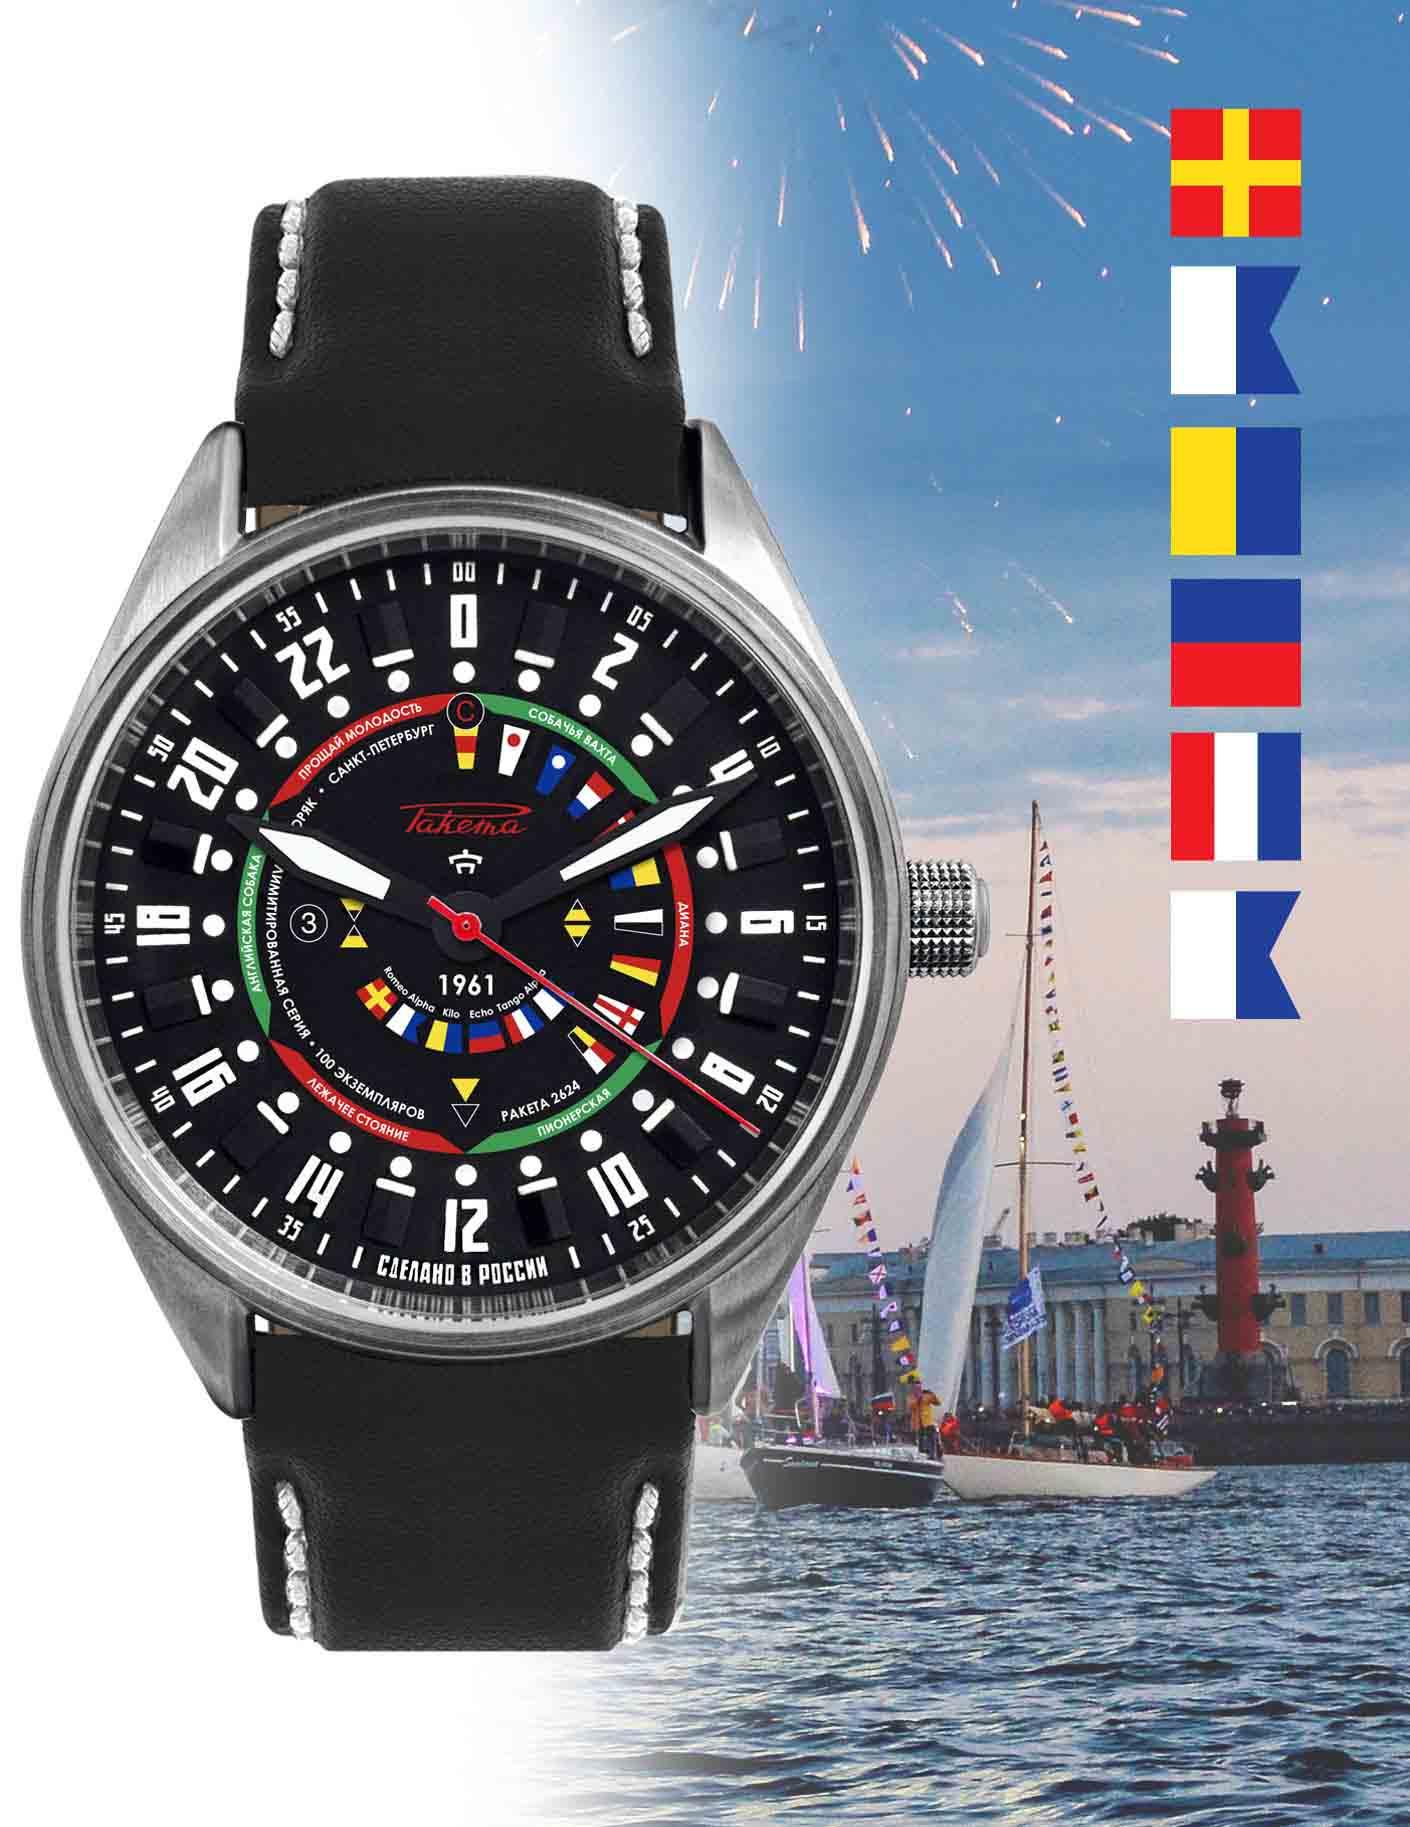 ие наручные часы Ракета Моряк 24 часовой циферблат автоподзавод